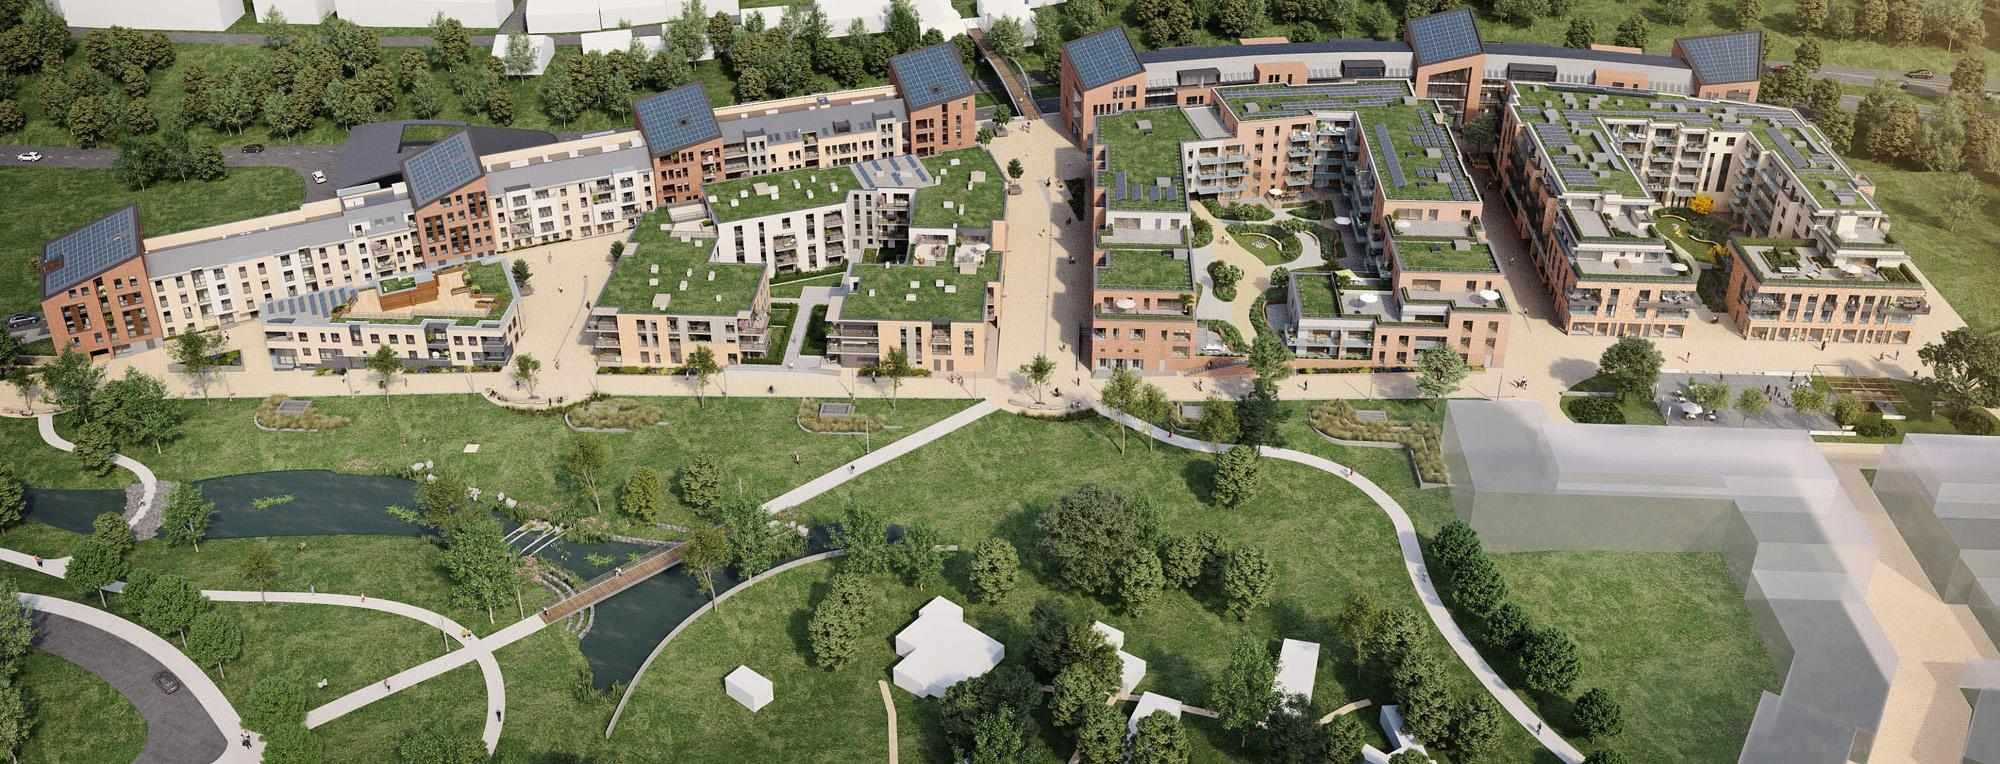 Appartements à vendre Esprit Courbevoie Louvain-la-Neuve